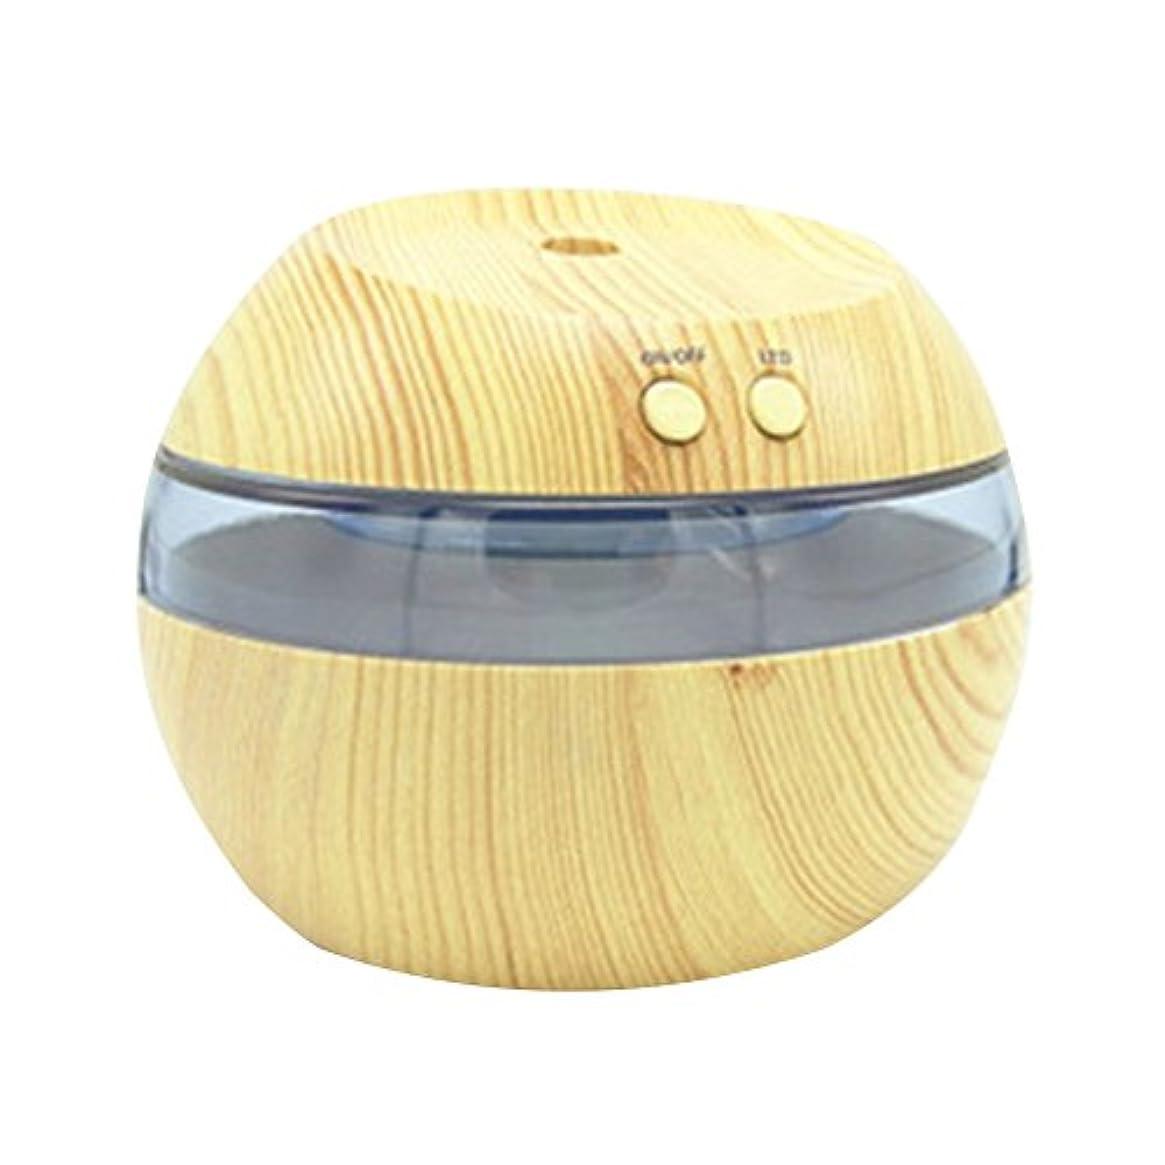 アニメーション横にペニーCozyrom 超音波式 USB給電 空焚き防止 自動停止機能 車内用 部屋用 木目調 290ML スタイル2